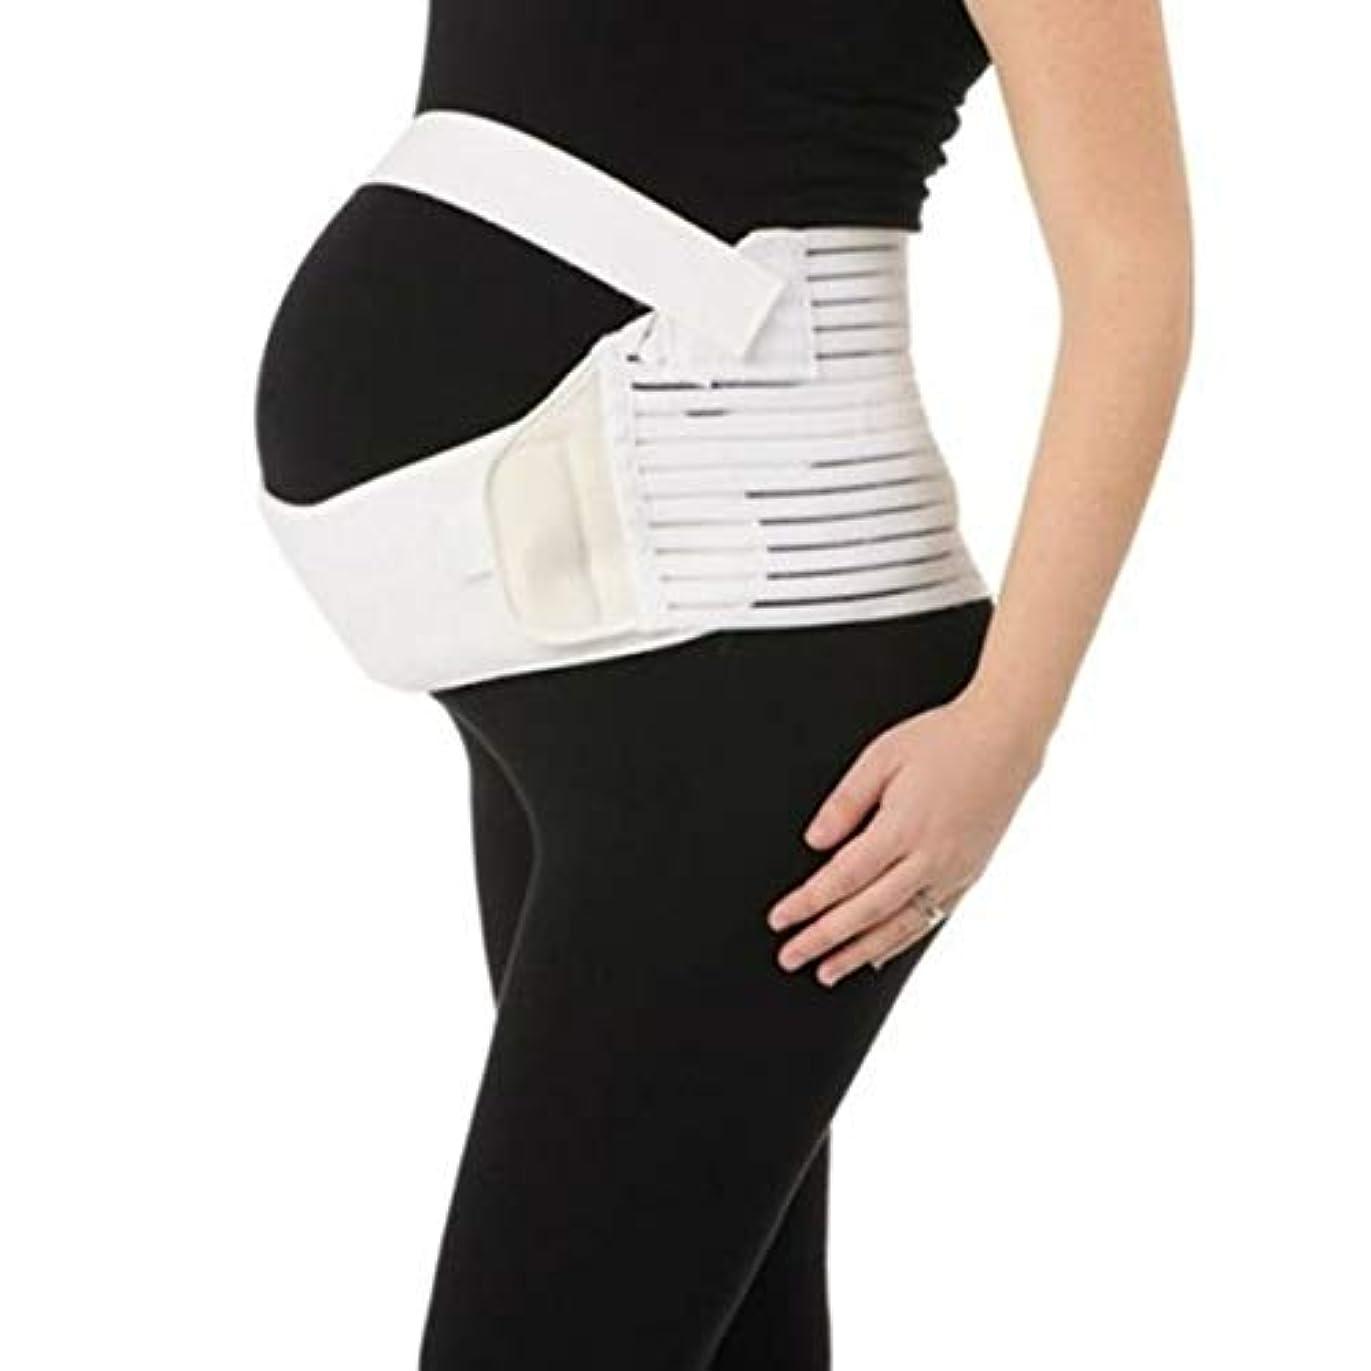 水っぽい受付権限を与える通気性マタニティベルト妊娠腹部サポート腹部バインダーガードル運動包帯産後の回復shapewear - ホワイトL